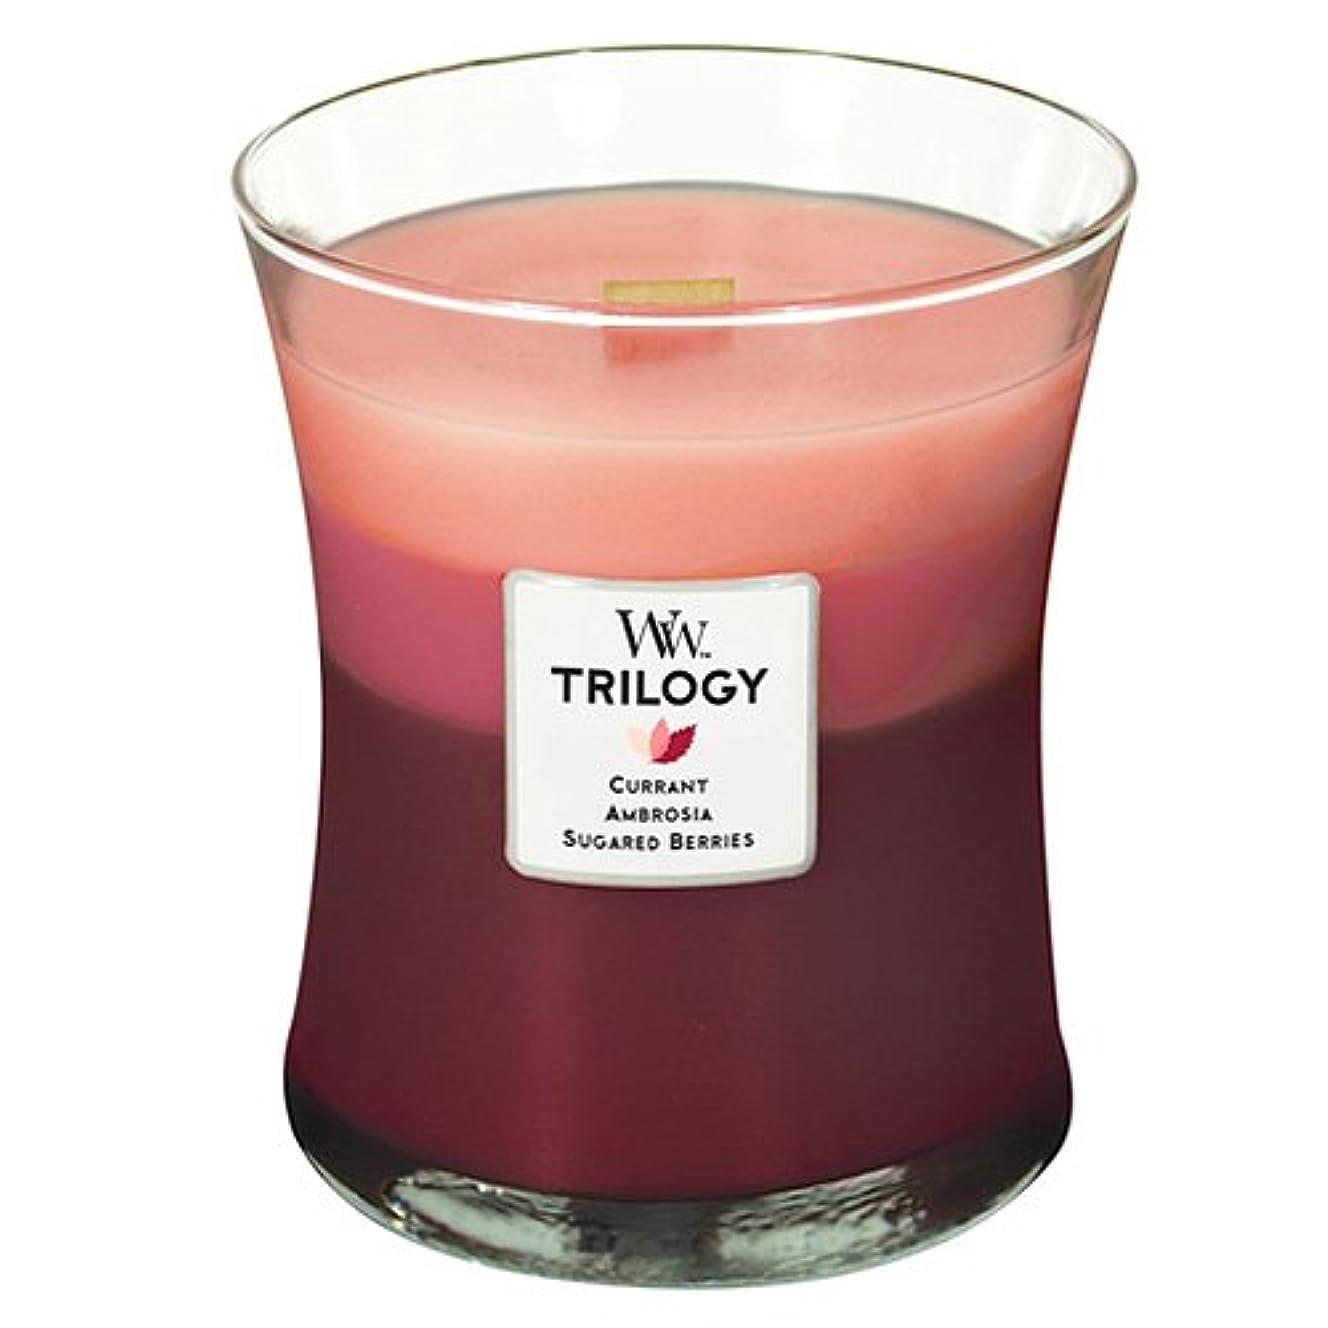 有効入植者革命Woodwick Candleフルーツ誘惑Trilogy Medium Jar